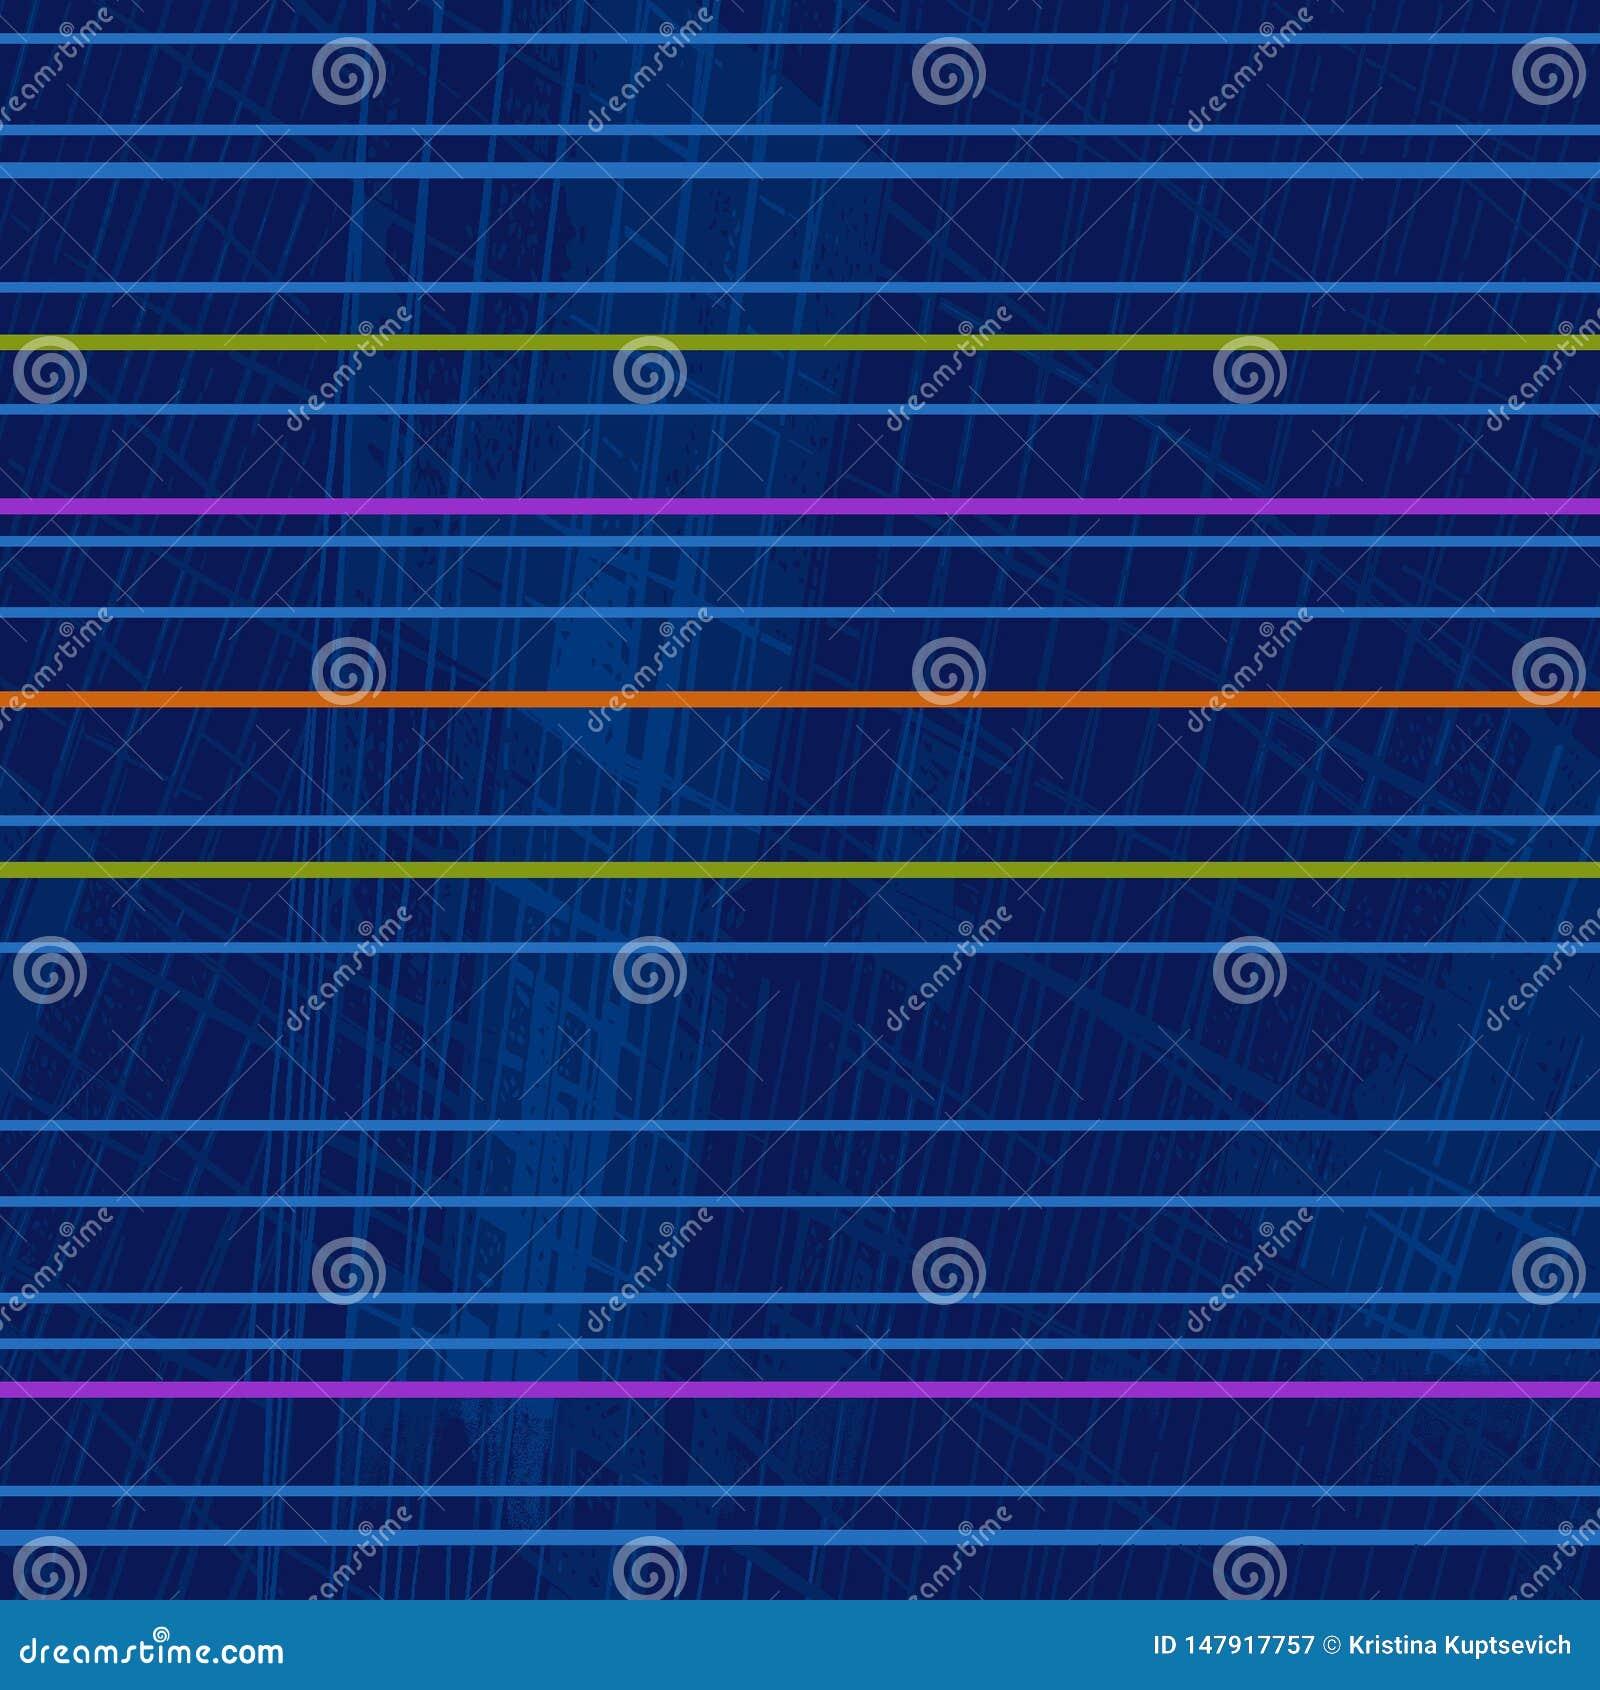 Upprepande geometrisk modell av ljusa fluorescerande horisontalband